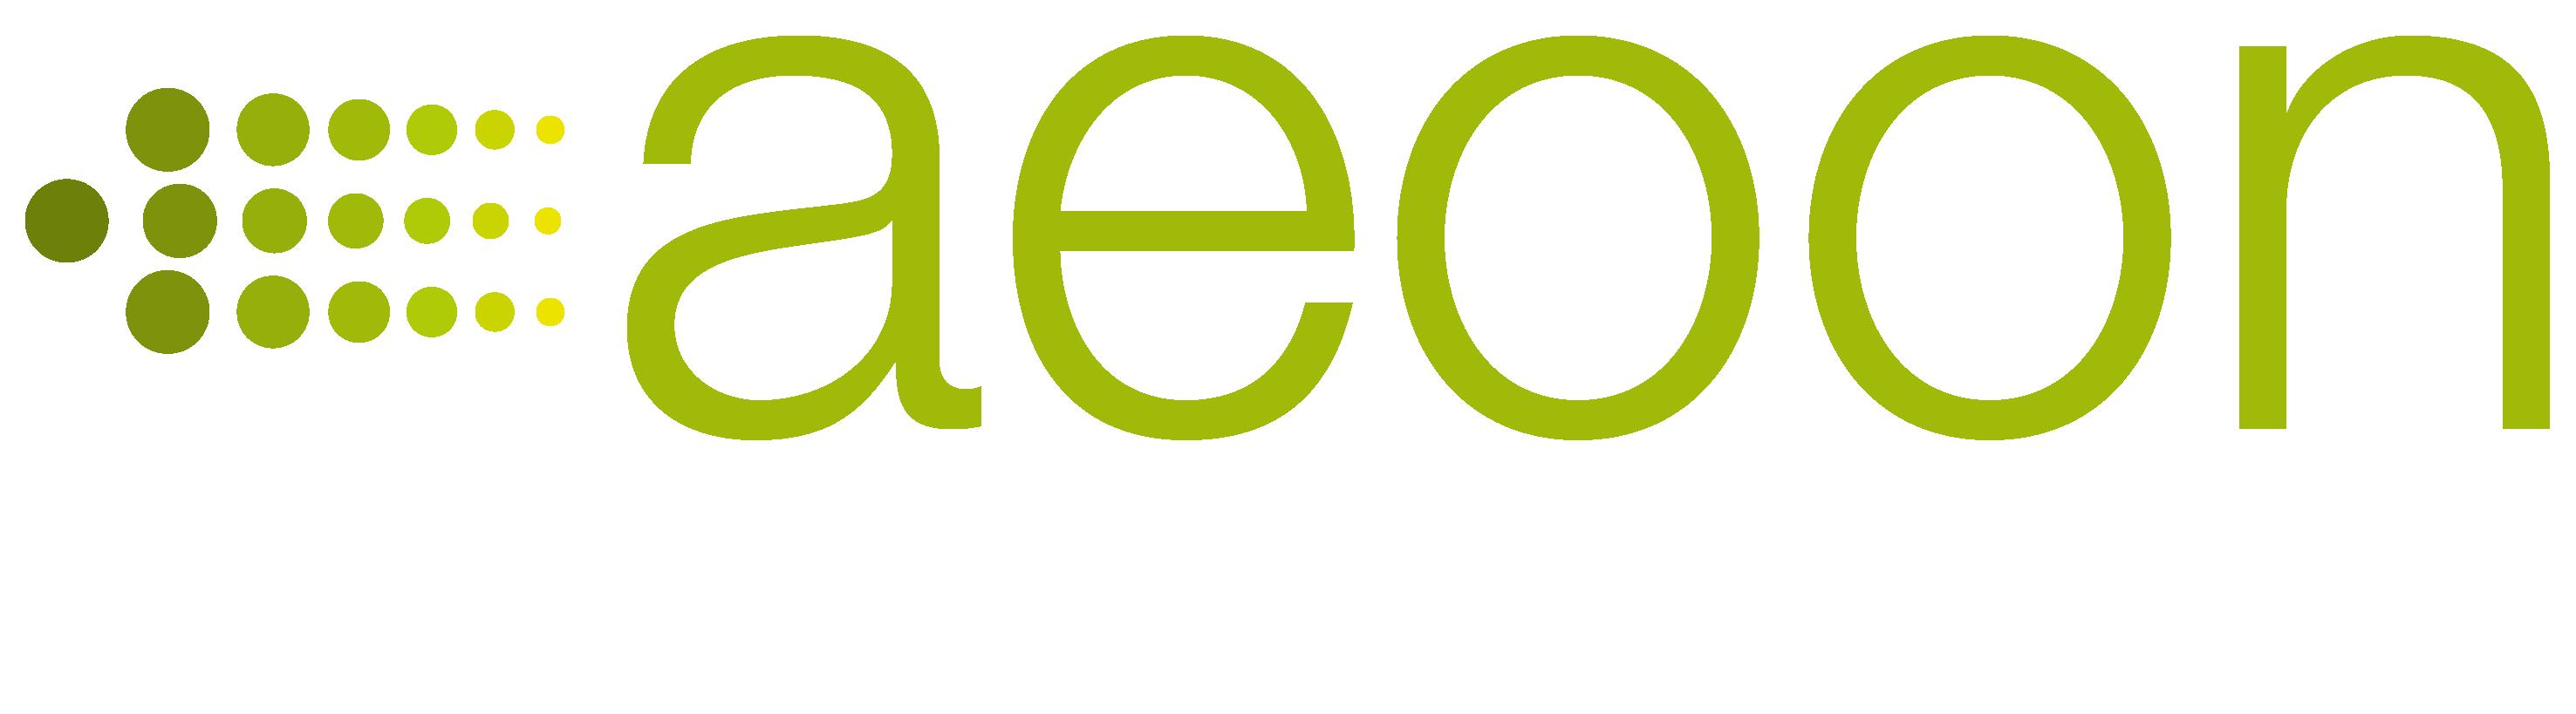 aeoon logo